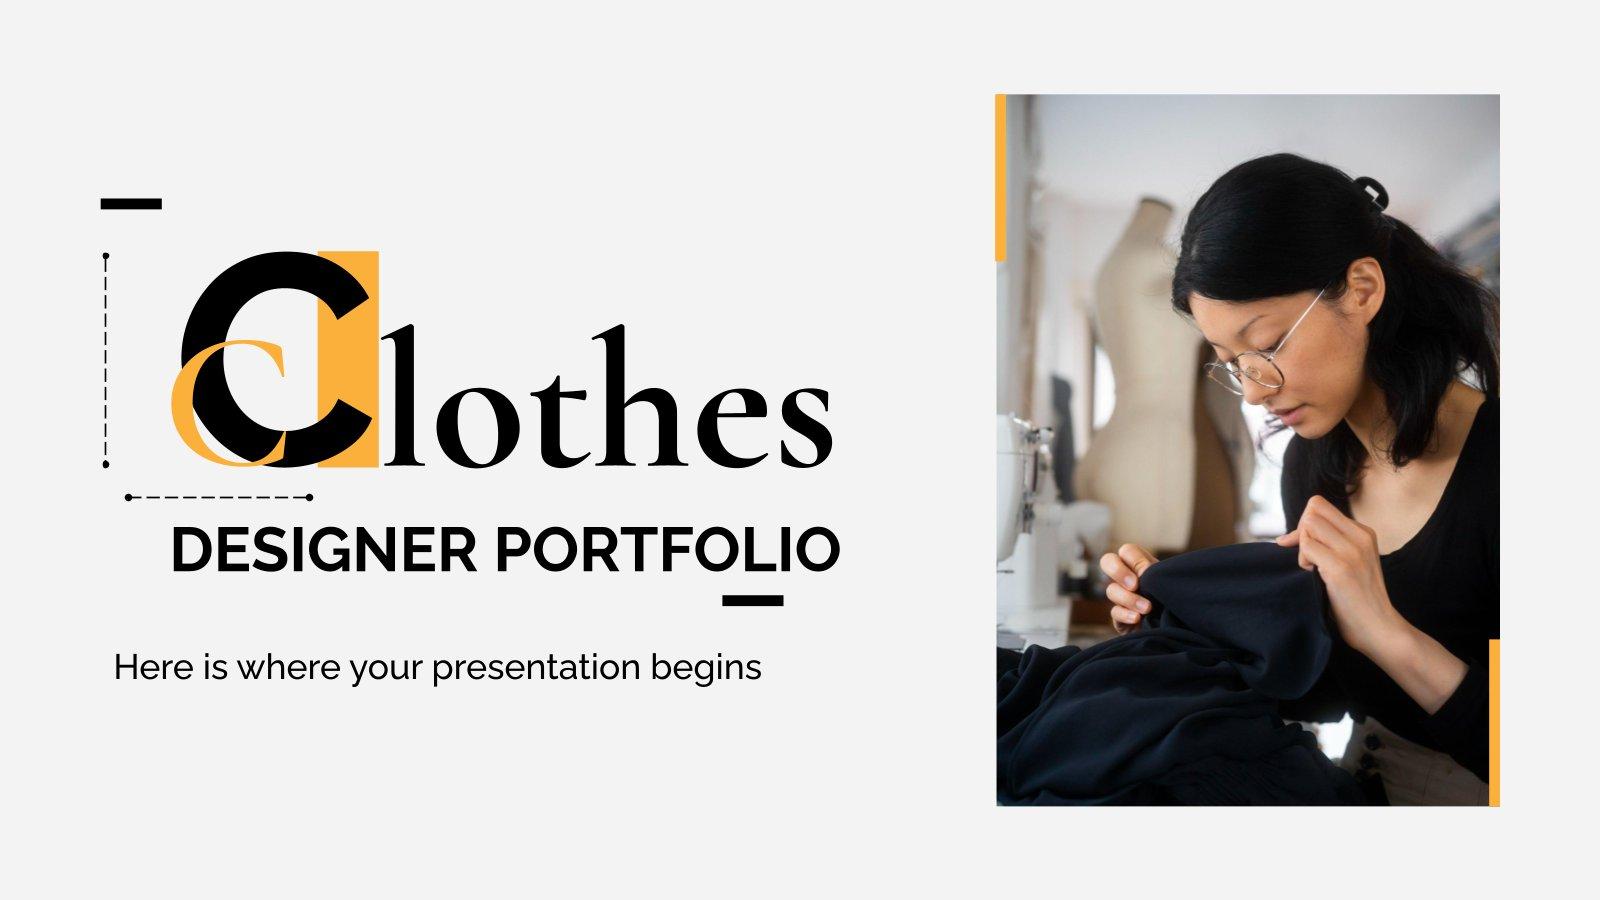 Clothes Designer Portfolio presentation template